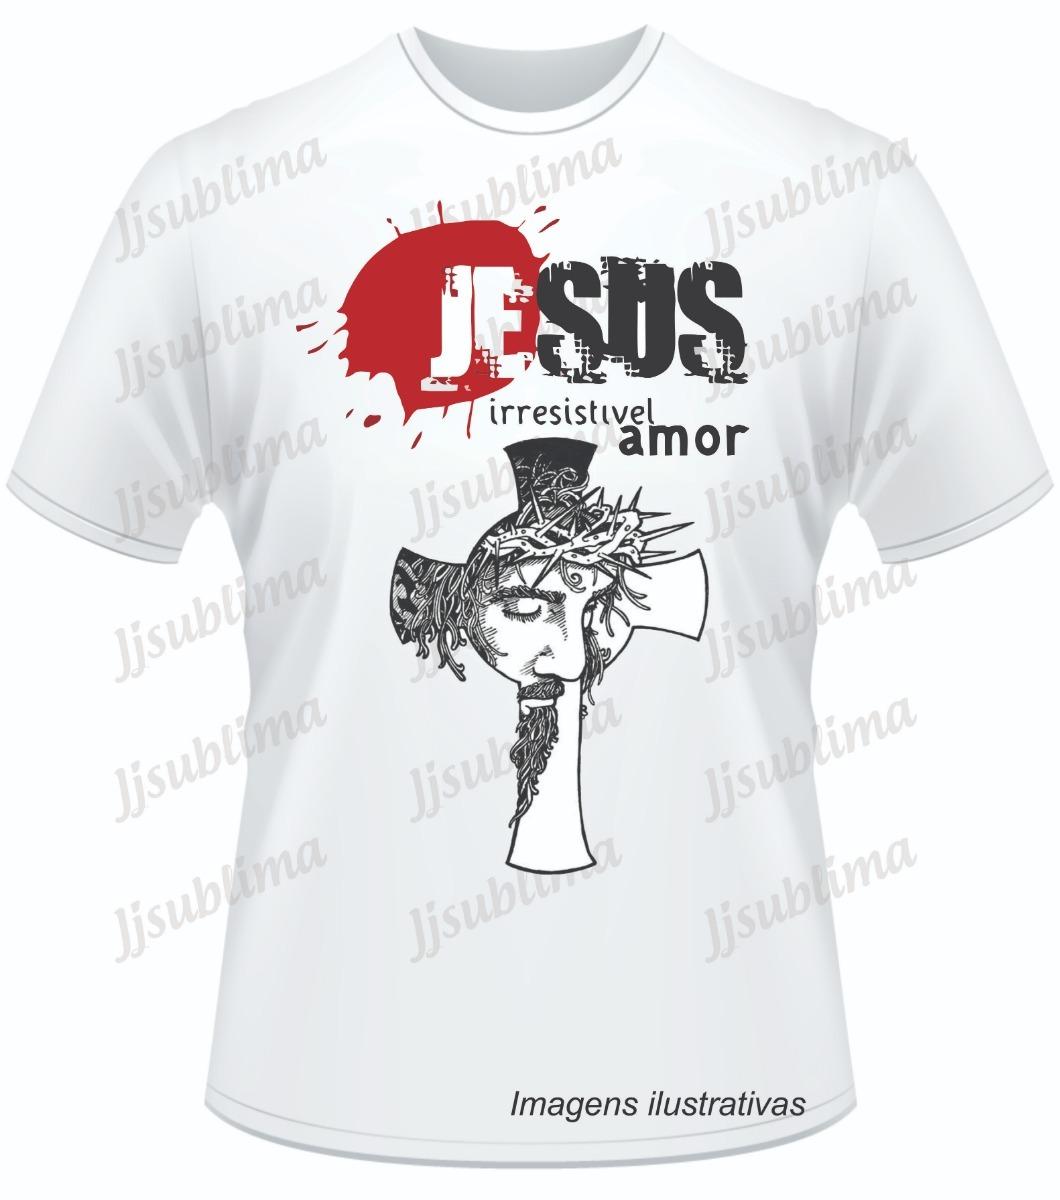 6ec97dd19 Camisetas Estampas Evangélicas Fé - R$ 29,99 em Mercado Livre